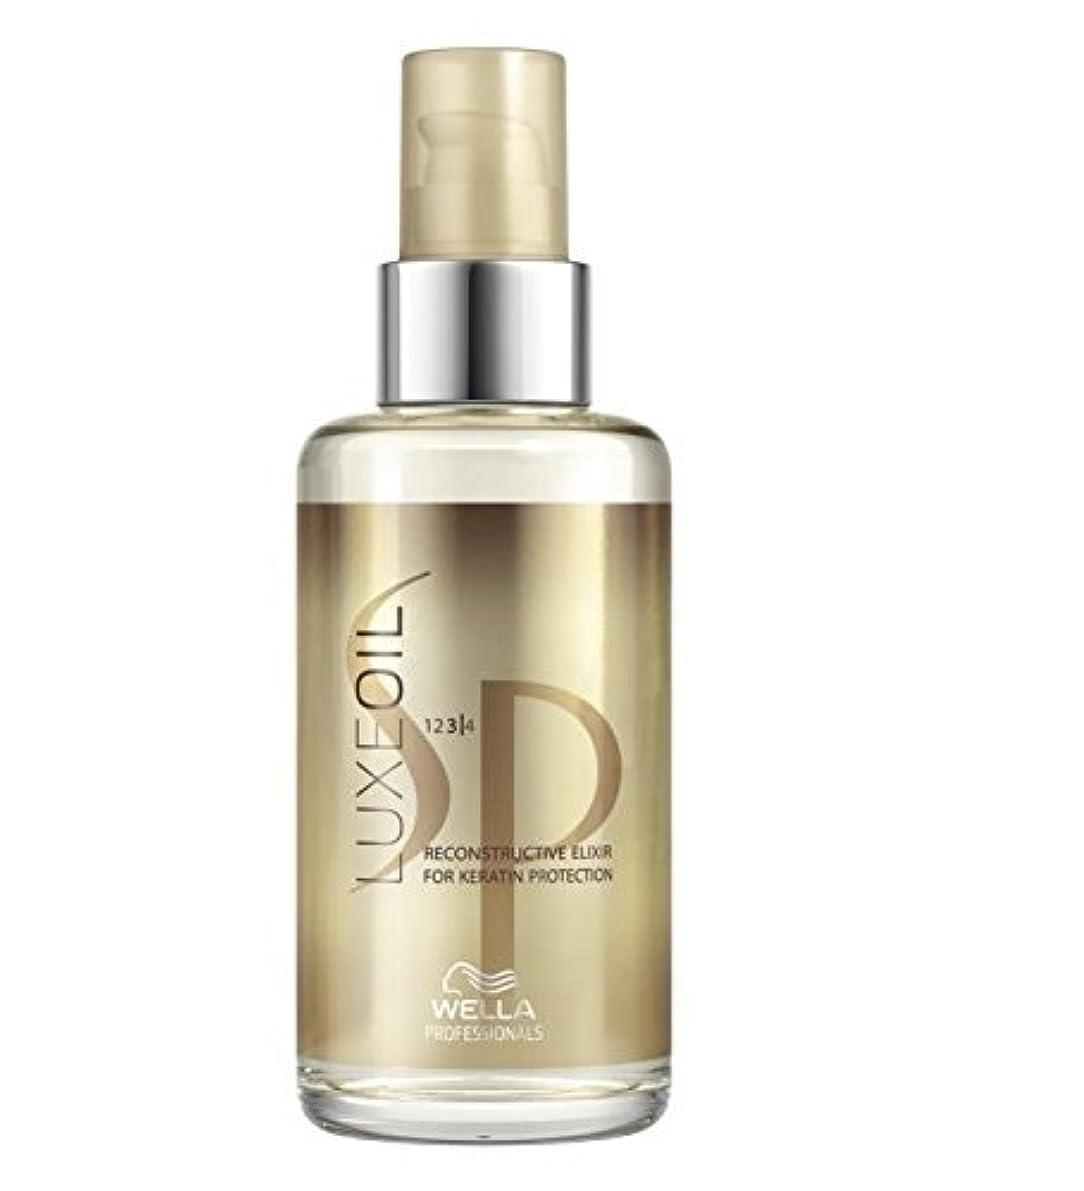 フィードバック代替取るに足らないSP by Wella Luxe Hair Oil Reconstructive Elixir 100ml by Wella [並行輸入品]